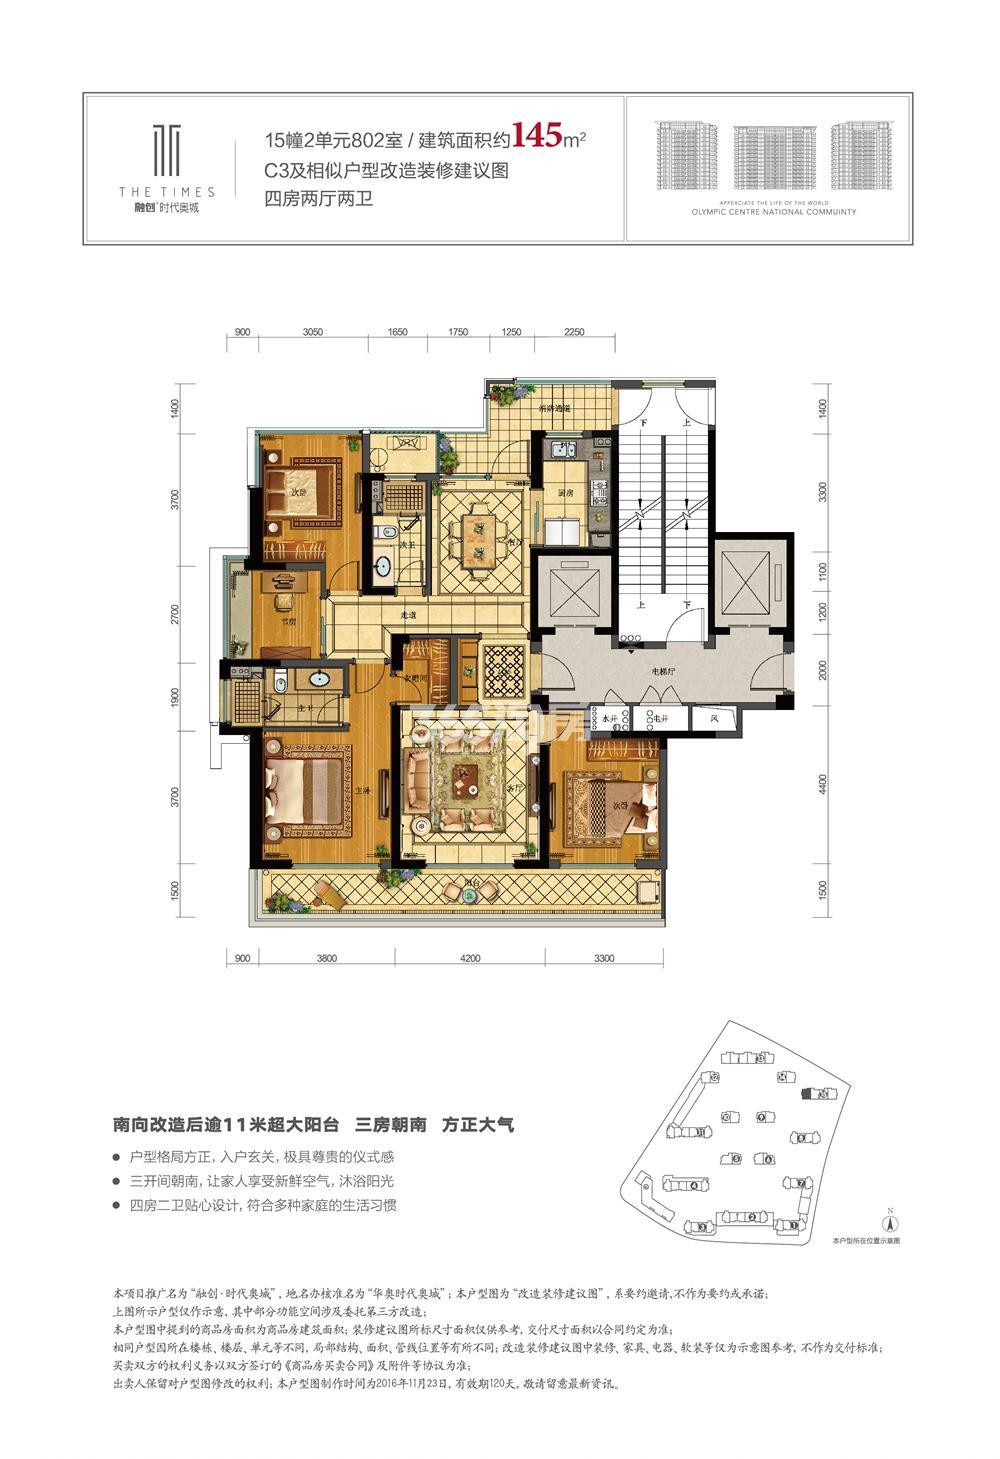 融创时代奥城C3户型145方(15号楼)